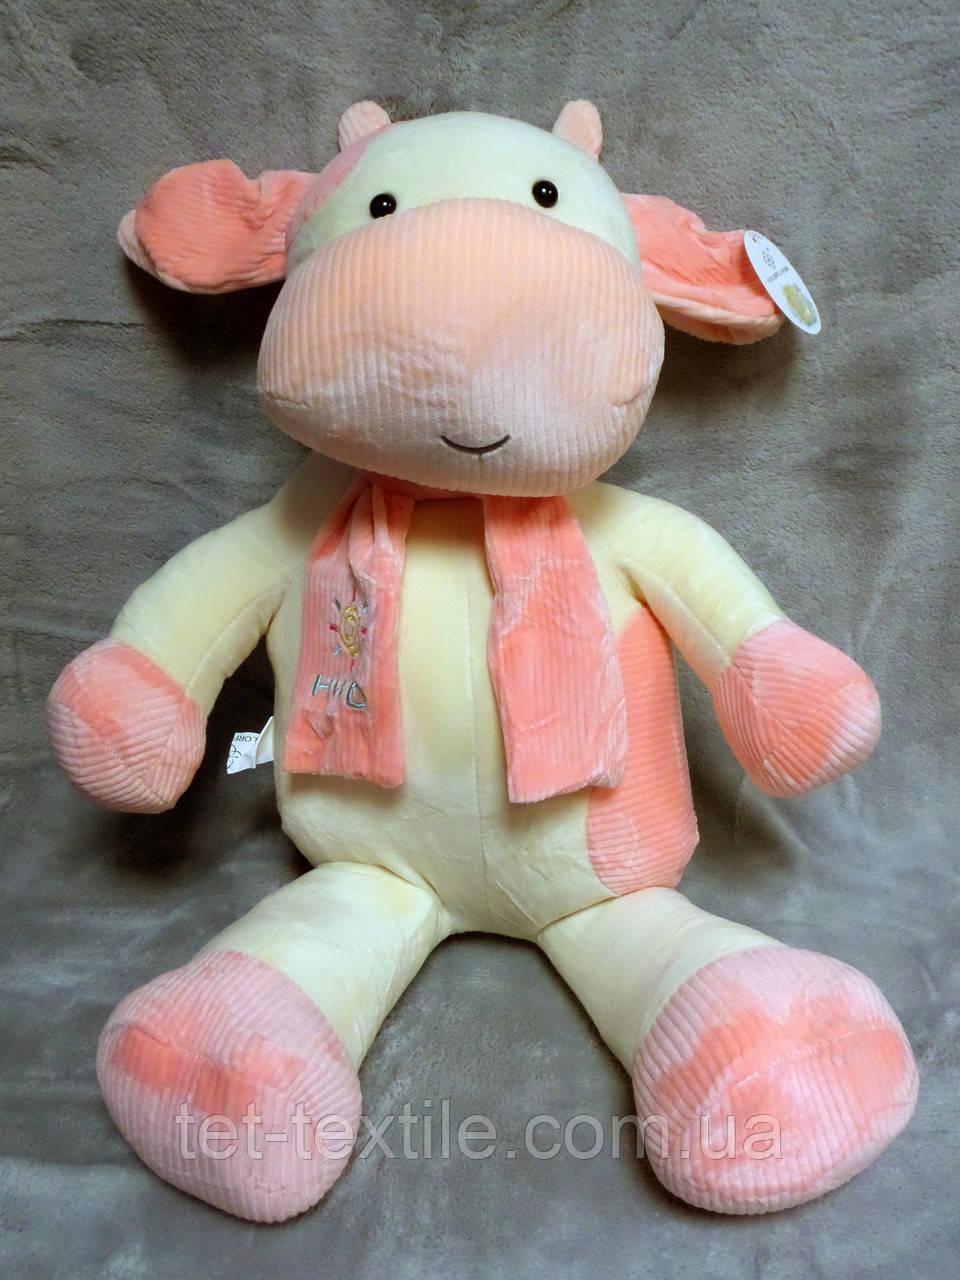 """Мягкая игрушка - подушка с пледом внутри """"Коровка с шарфиком"""" ванильно - розовая"""